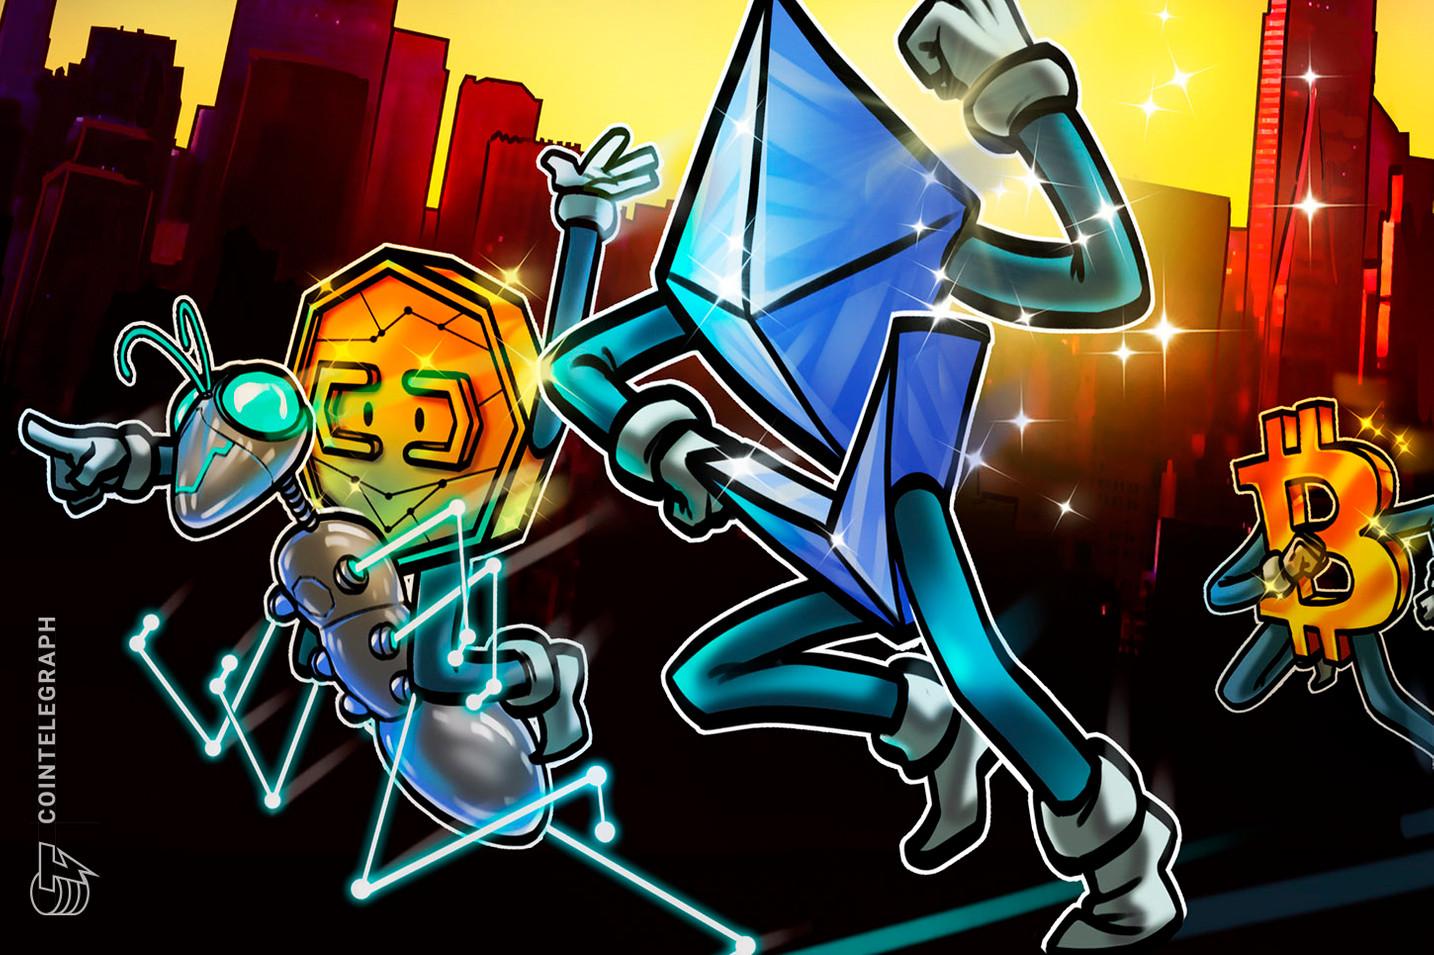 'Bitcoin è il peggior nemico di sé stesso' e perderà contro Ethereum: Charles Hoskinson